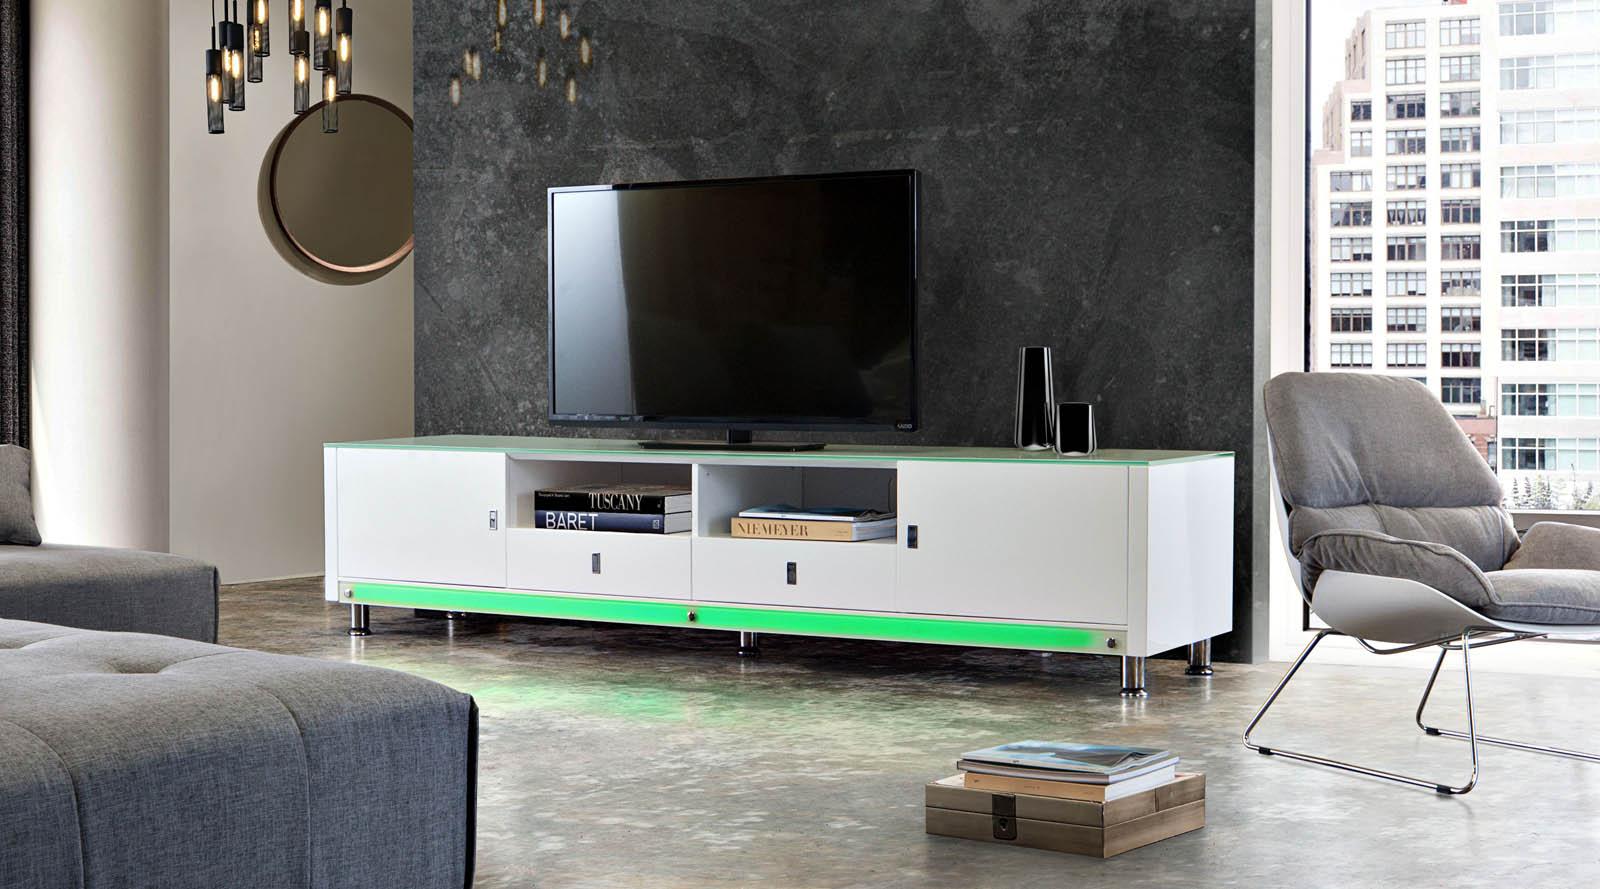 k99-white-light-green.jpg